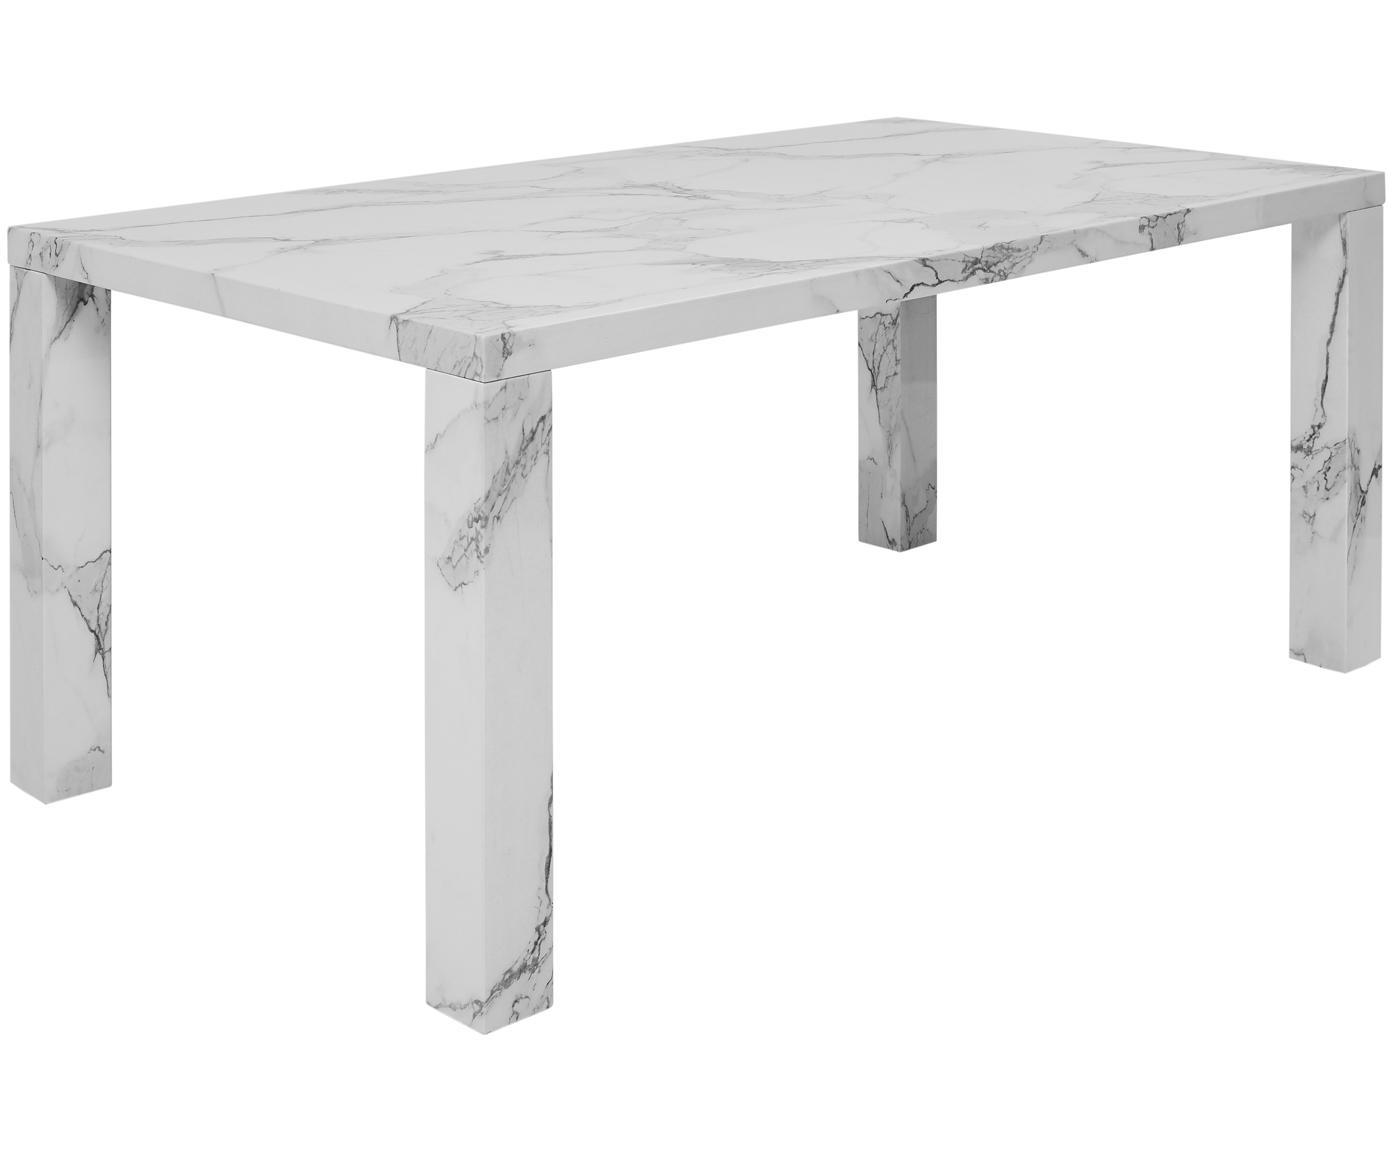 Esstisch Carl in Marmor-Optik, Mitteldichte Holzfaserplatte (MDF), mit lackbeschichtetem Papier in Marmoroptik überzogen, Weiß marmoriert, glänzend, B 180 x T 90 cm